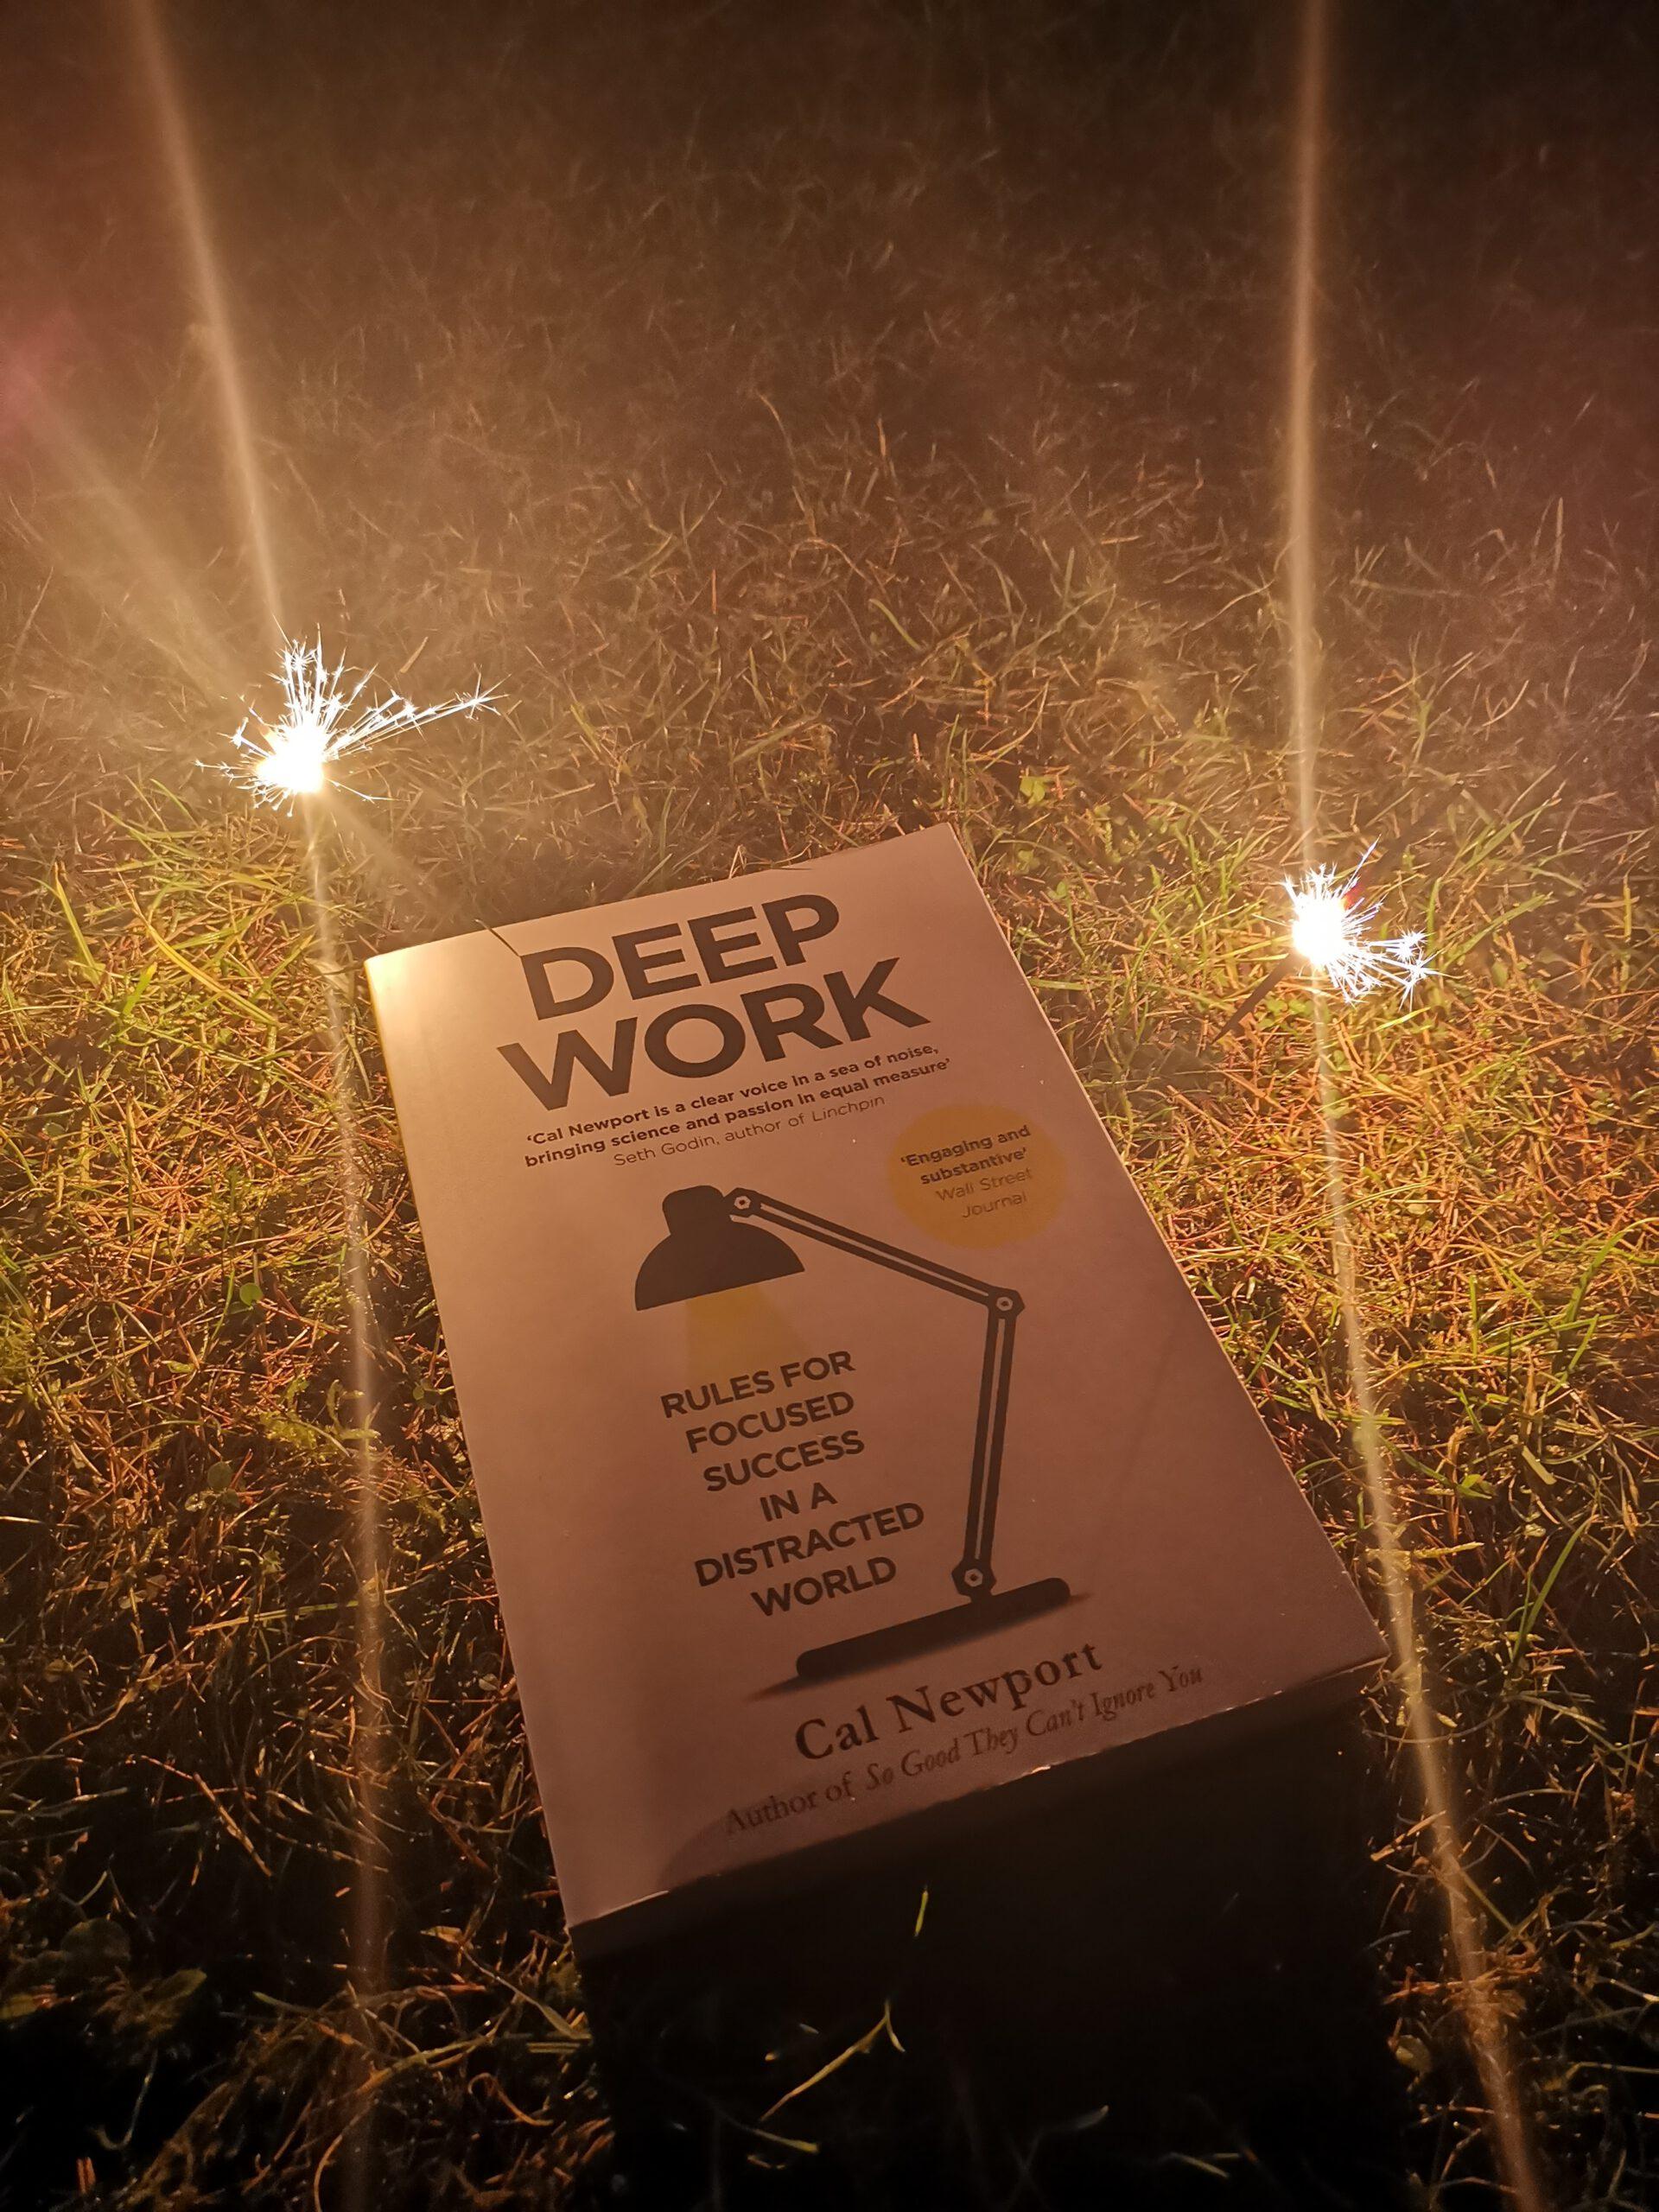 Cal Newports Deep Work zu Silvester